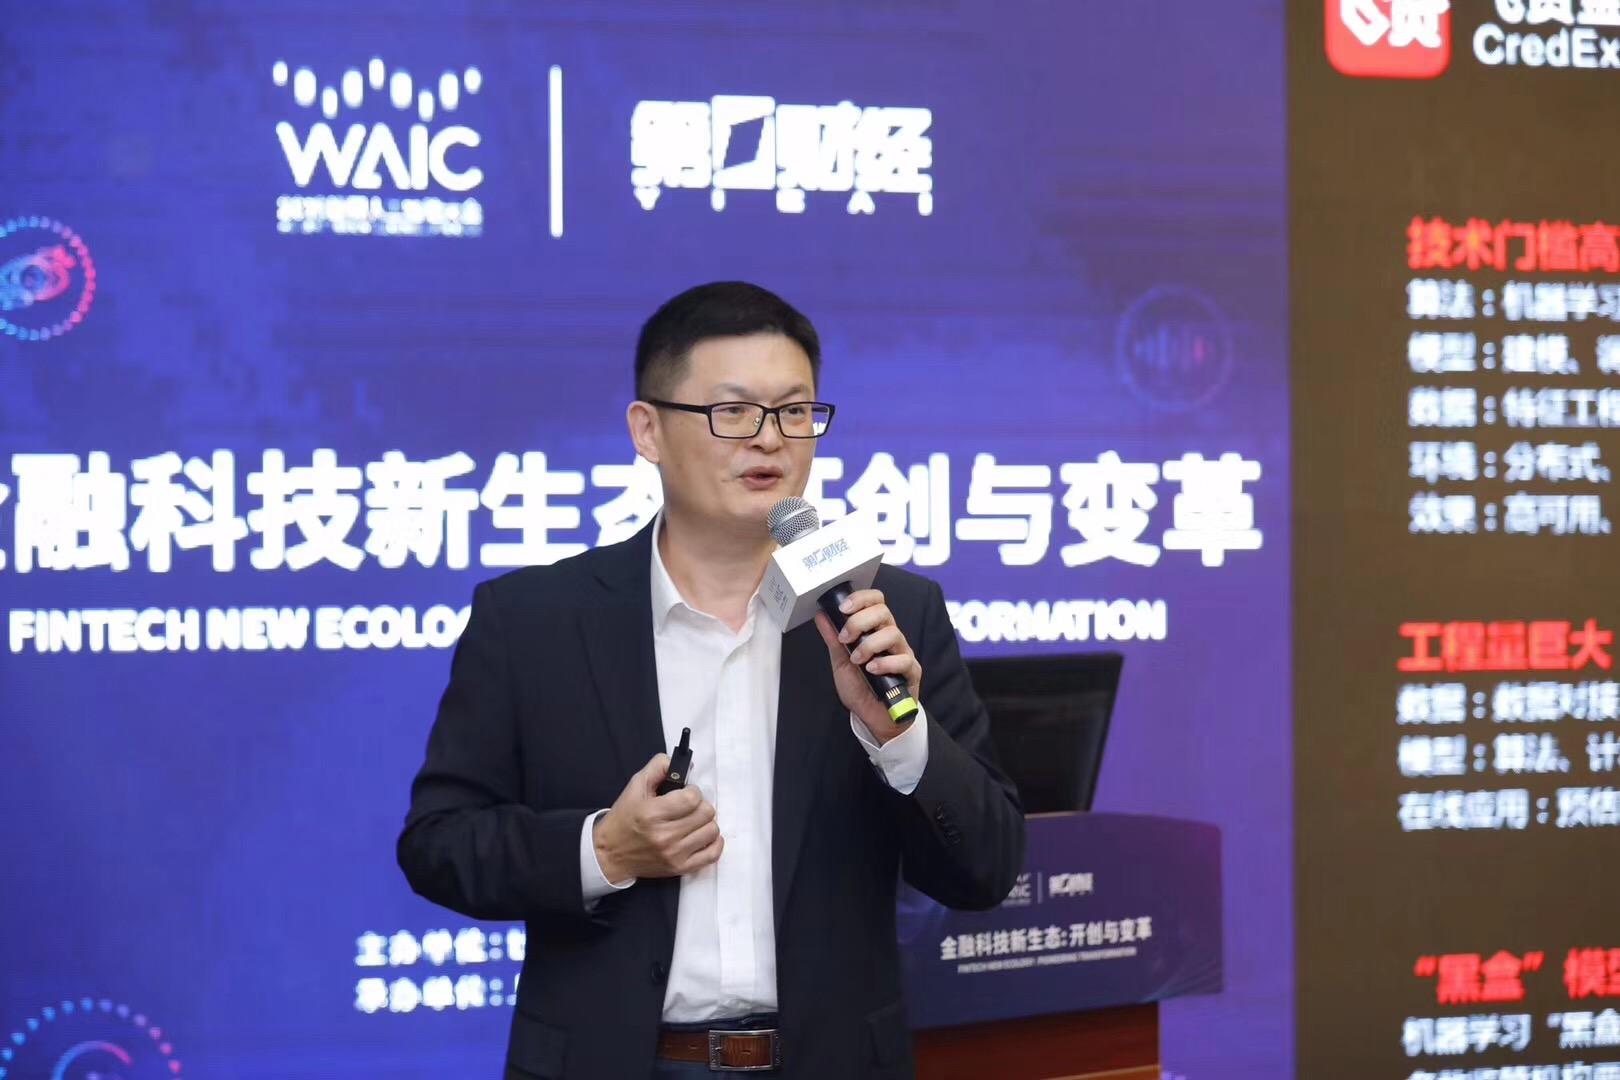 2019世界人工智能大会:大数据与AI双引擎,飞贷金融科技让自动化建模触手可及